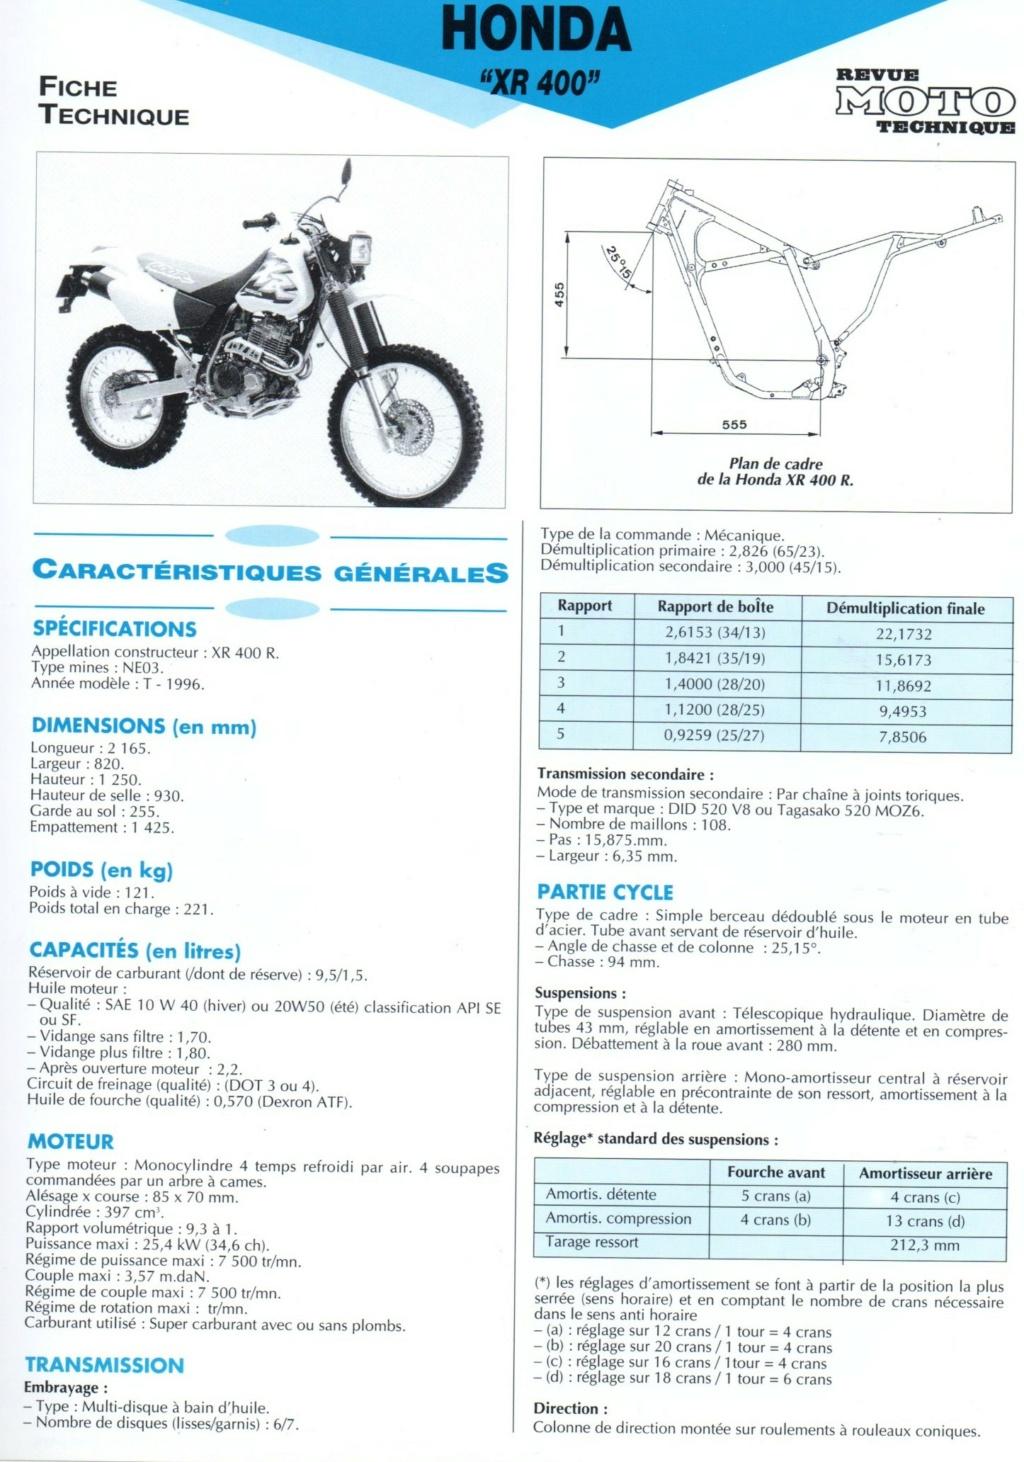 votre avis sur l XR 400  - Page 2 Honda_20